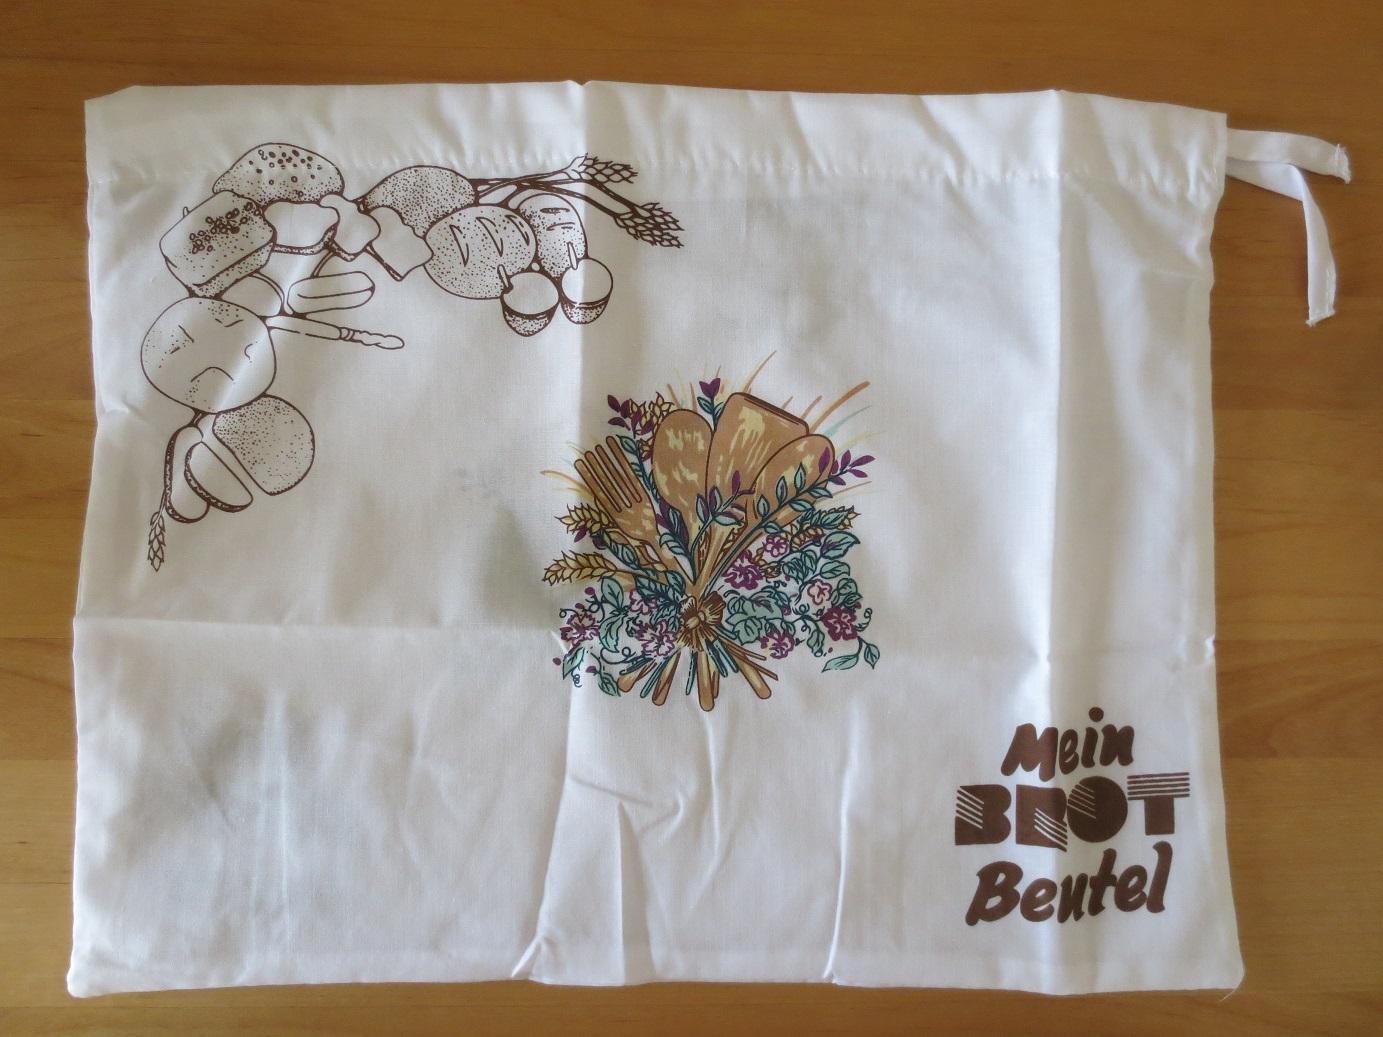 ドイツの家庭用品ブランド、ファッケルマン Fackelmann 社のパン保存用巾着袋